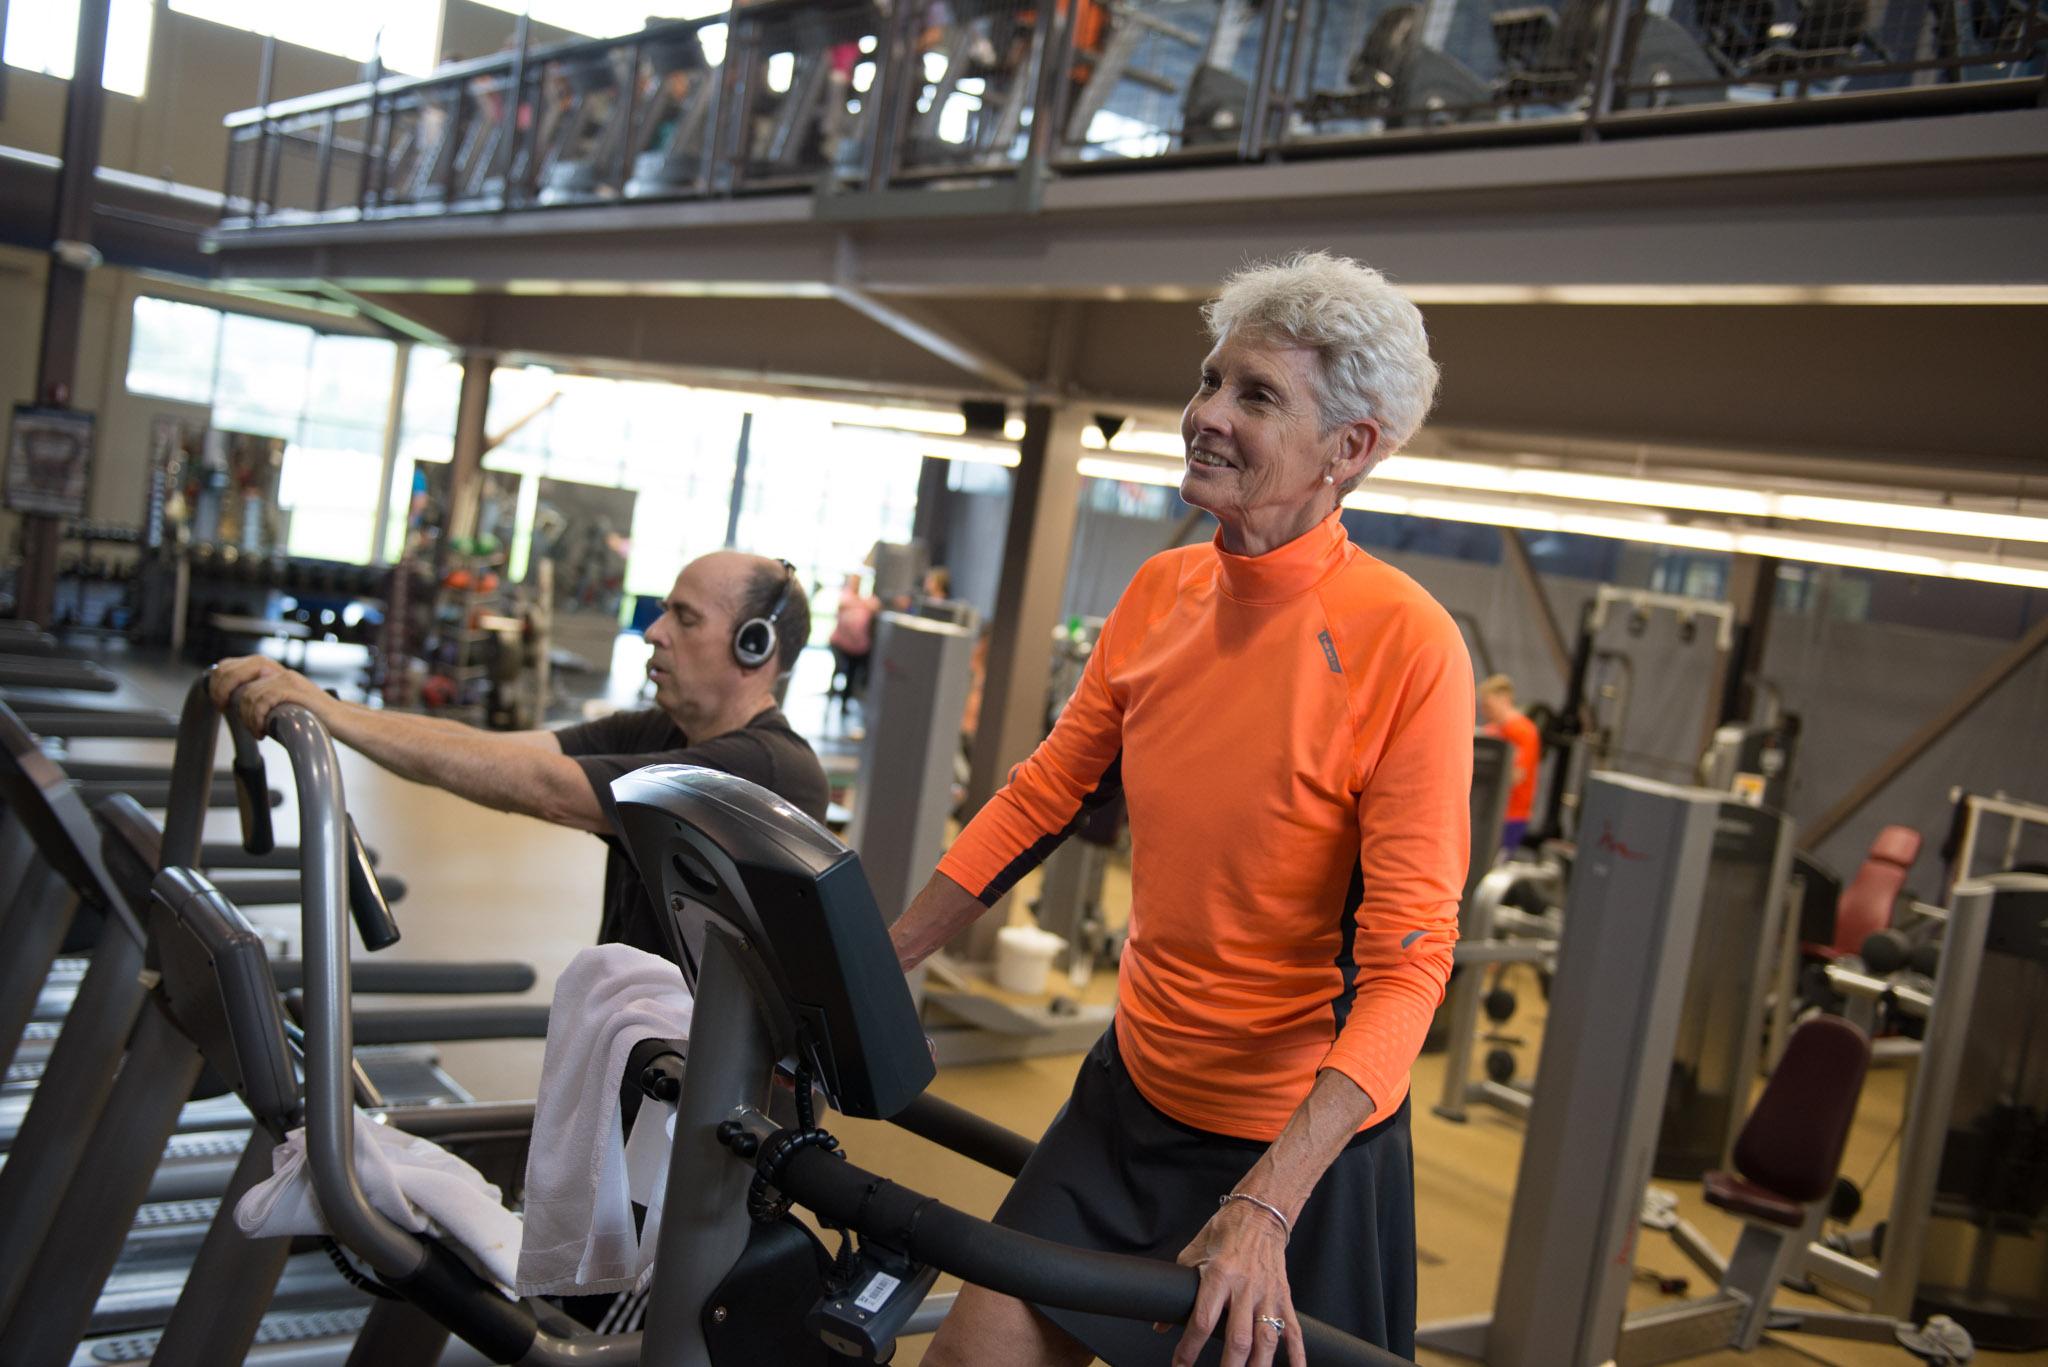 Wellness Center Stock Photos-1320.jpg